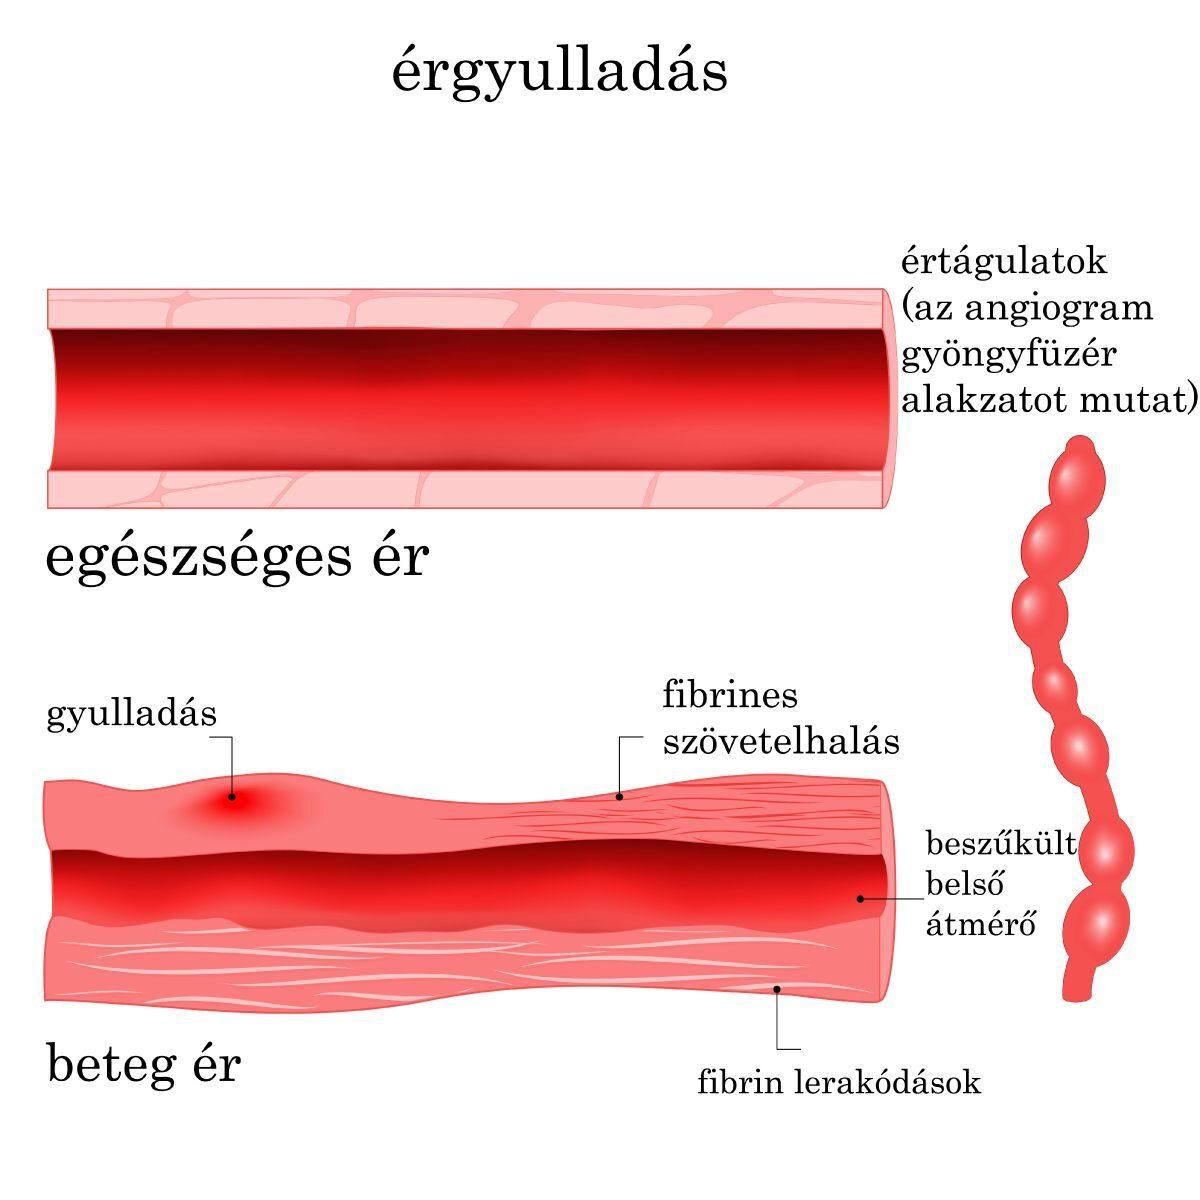 váll artrózis kezelésére szolgáló készülékek mágnes a térdízületi gyulladás kezelésében